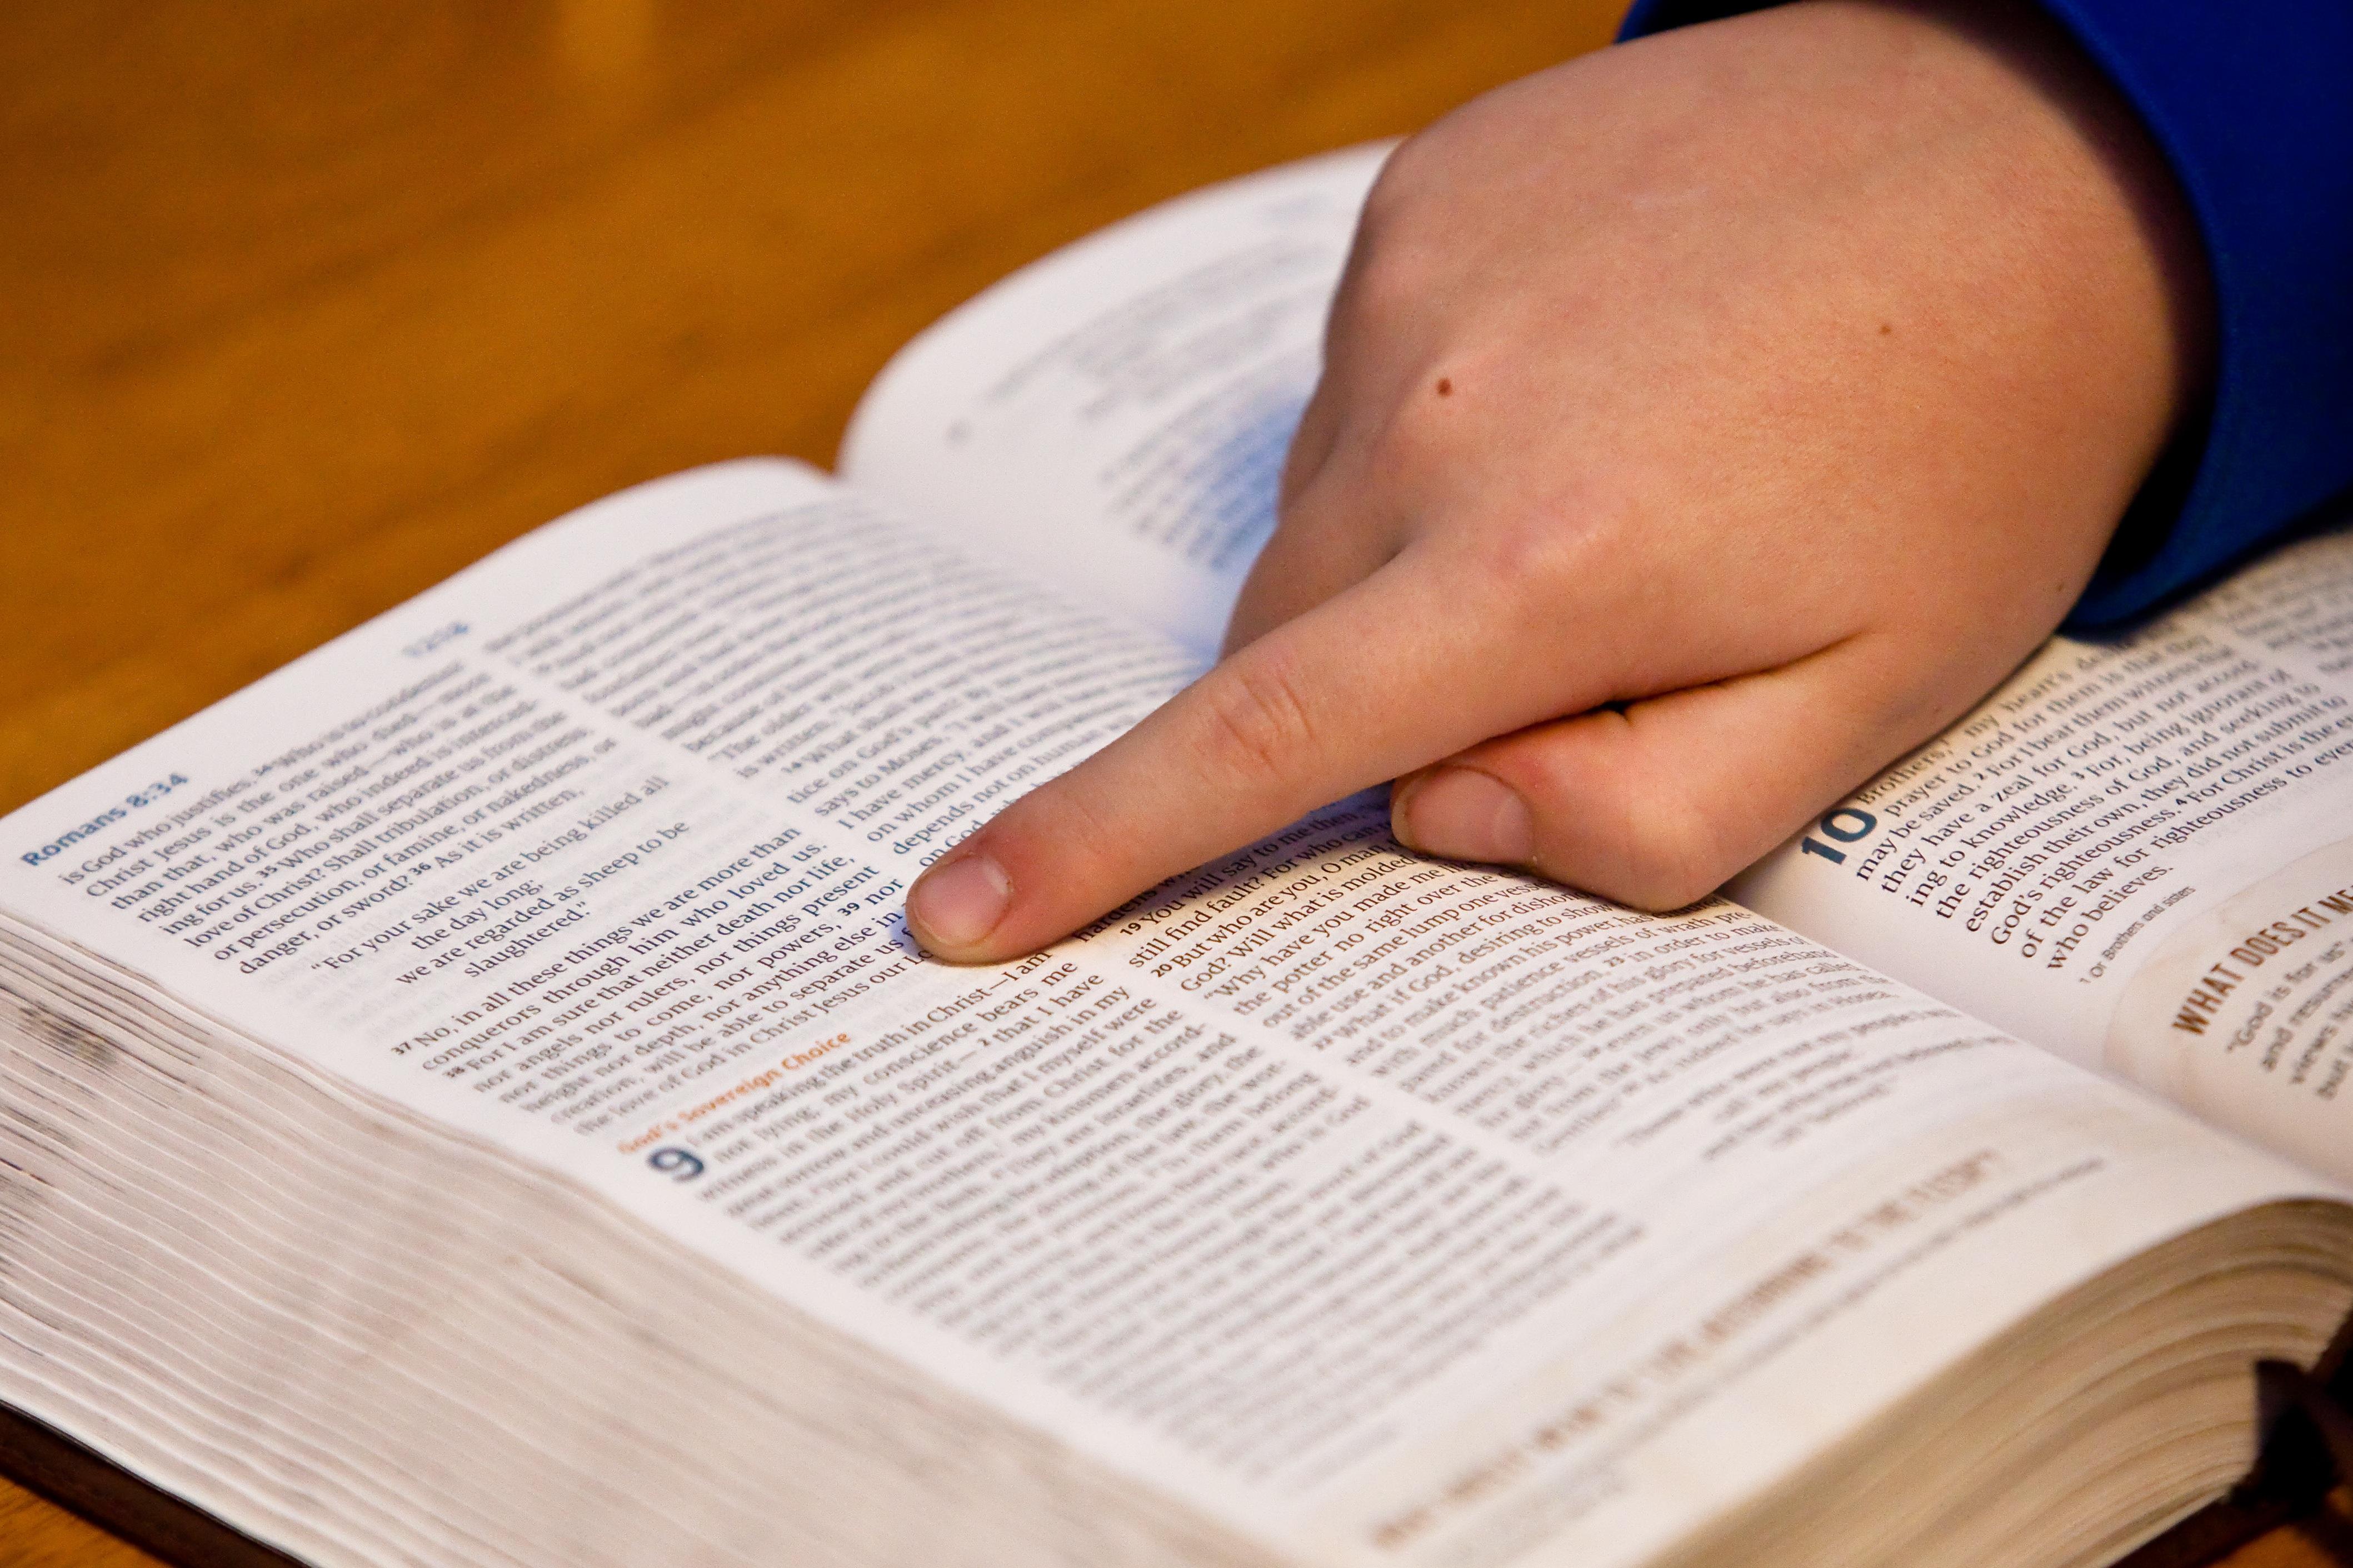 Bible Study Bible Hand Child free image